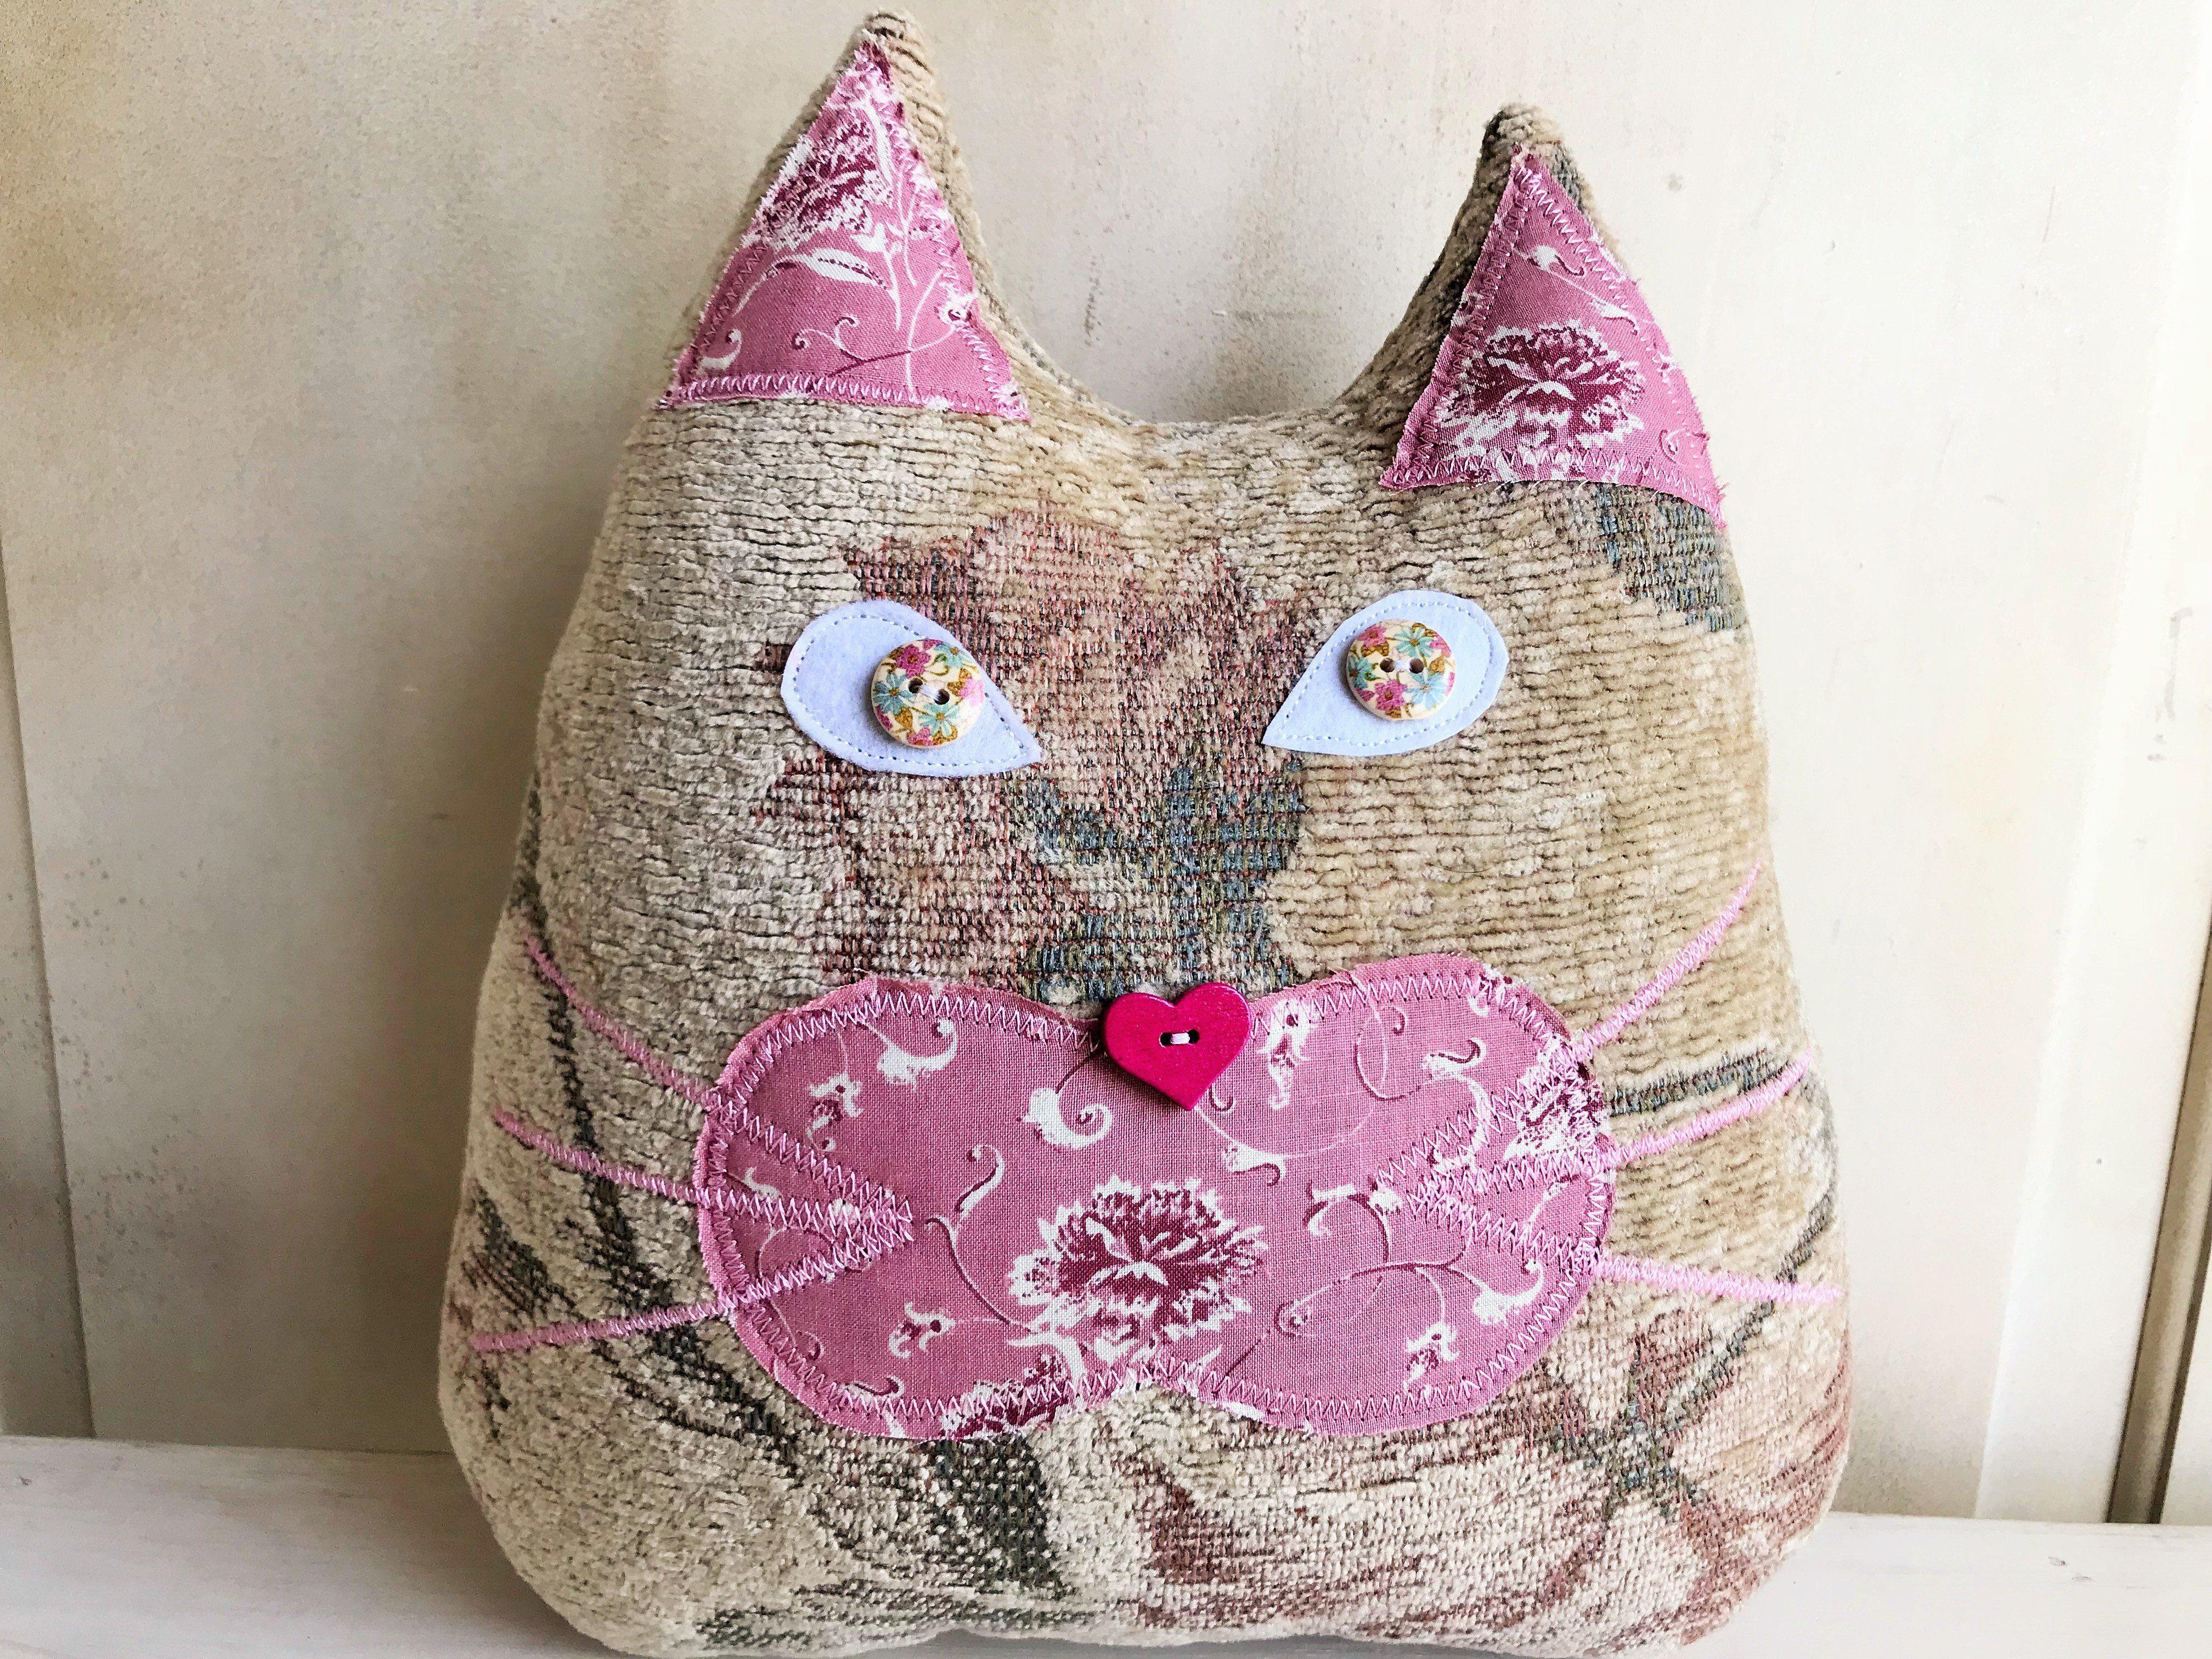 Cat pillow - Rose tapestry brocade